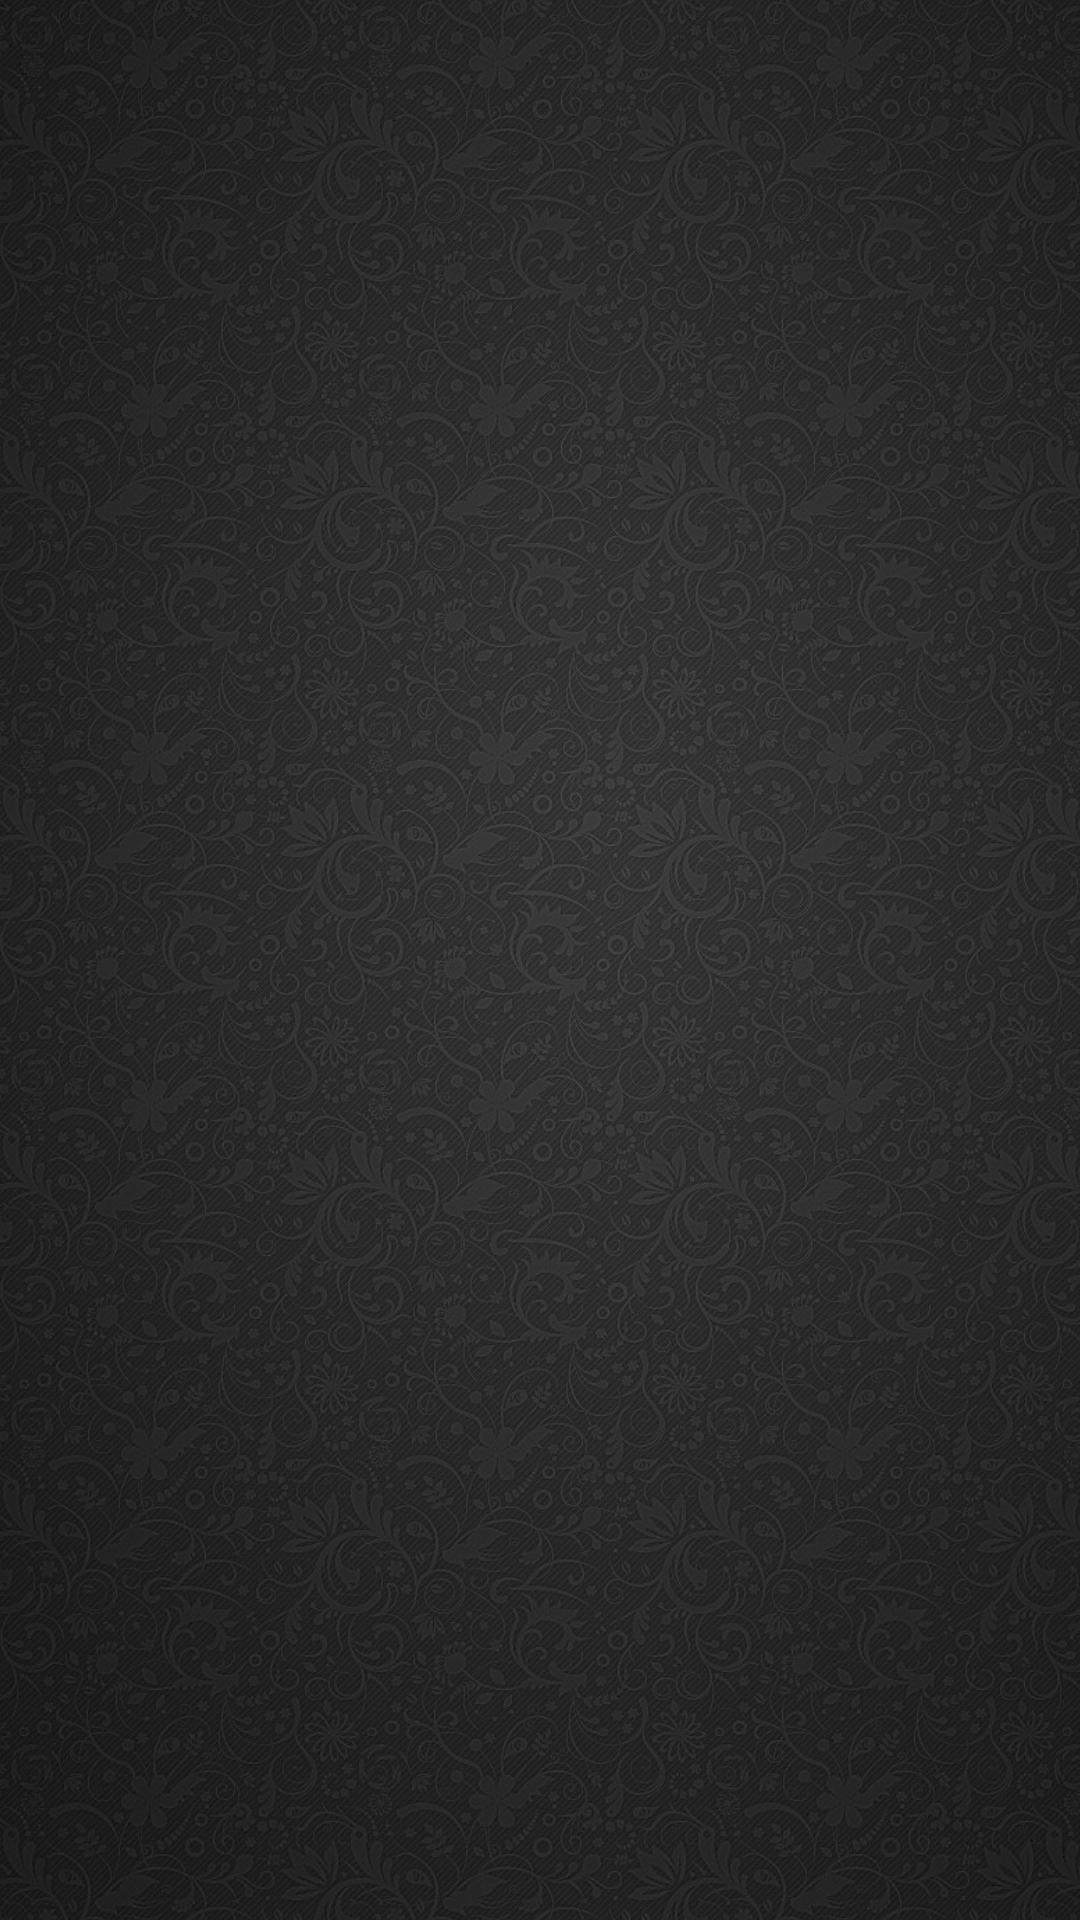 Grey Slate Wallpaper - WallpaperSafari